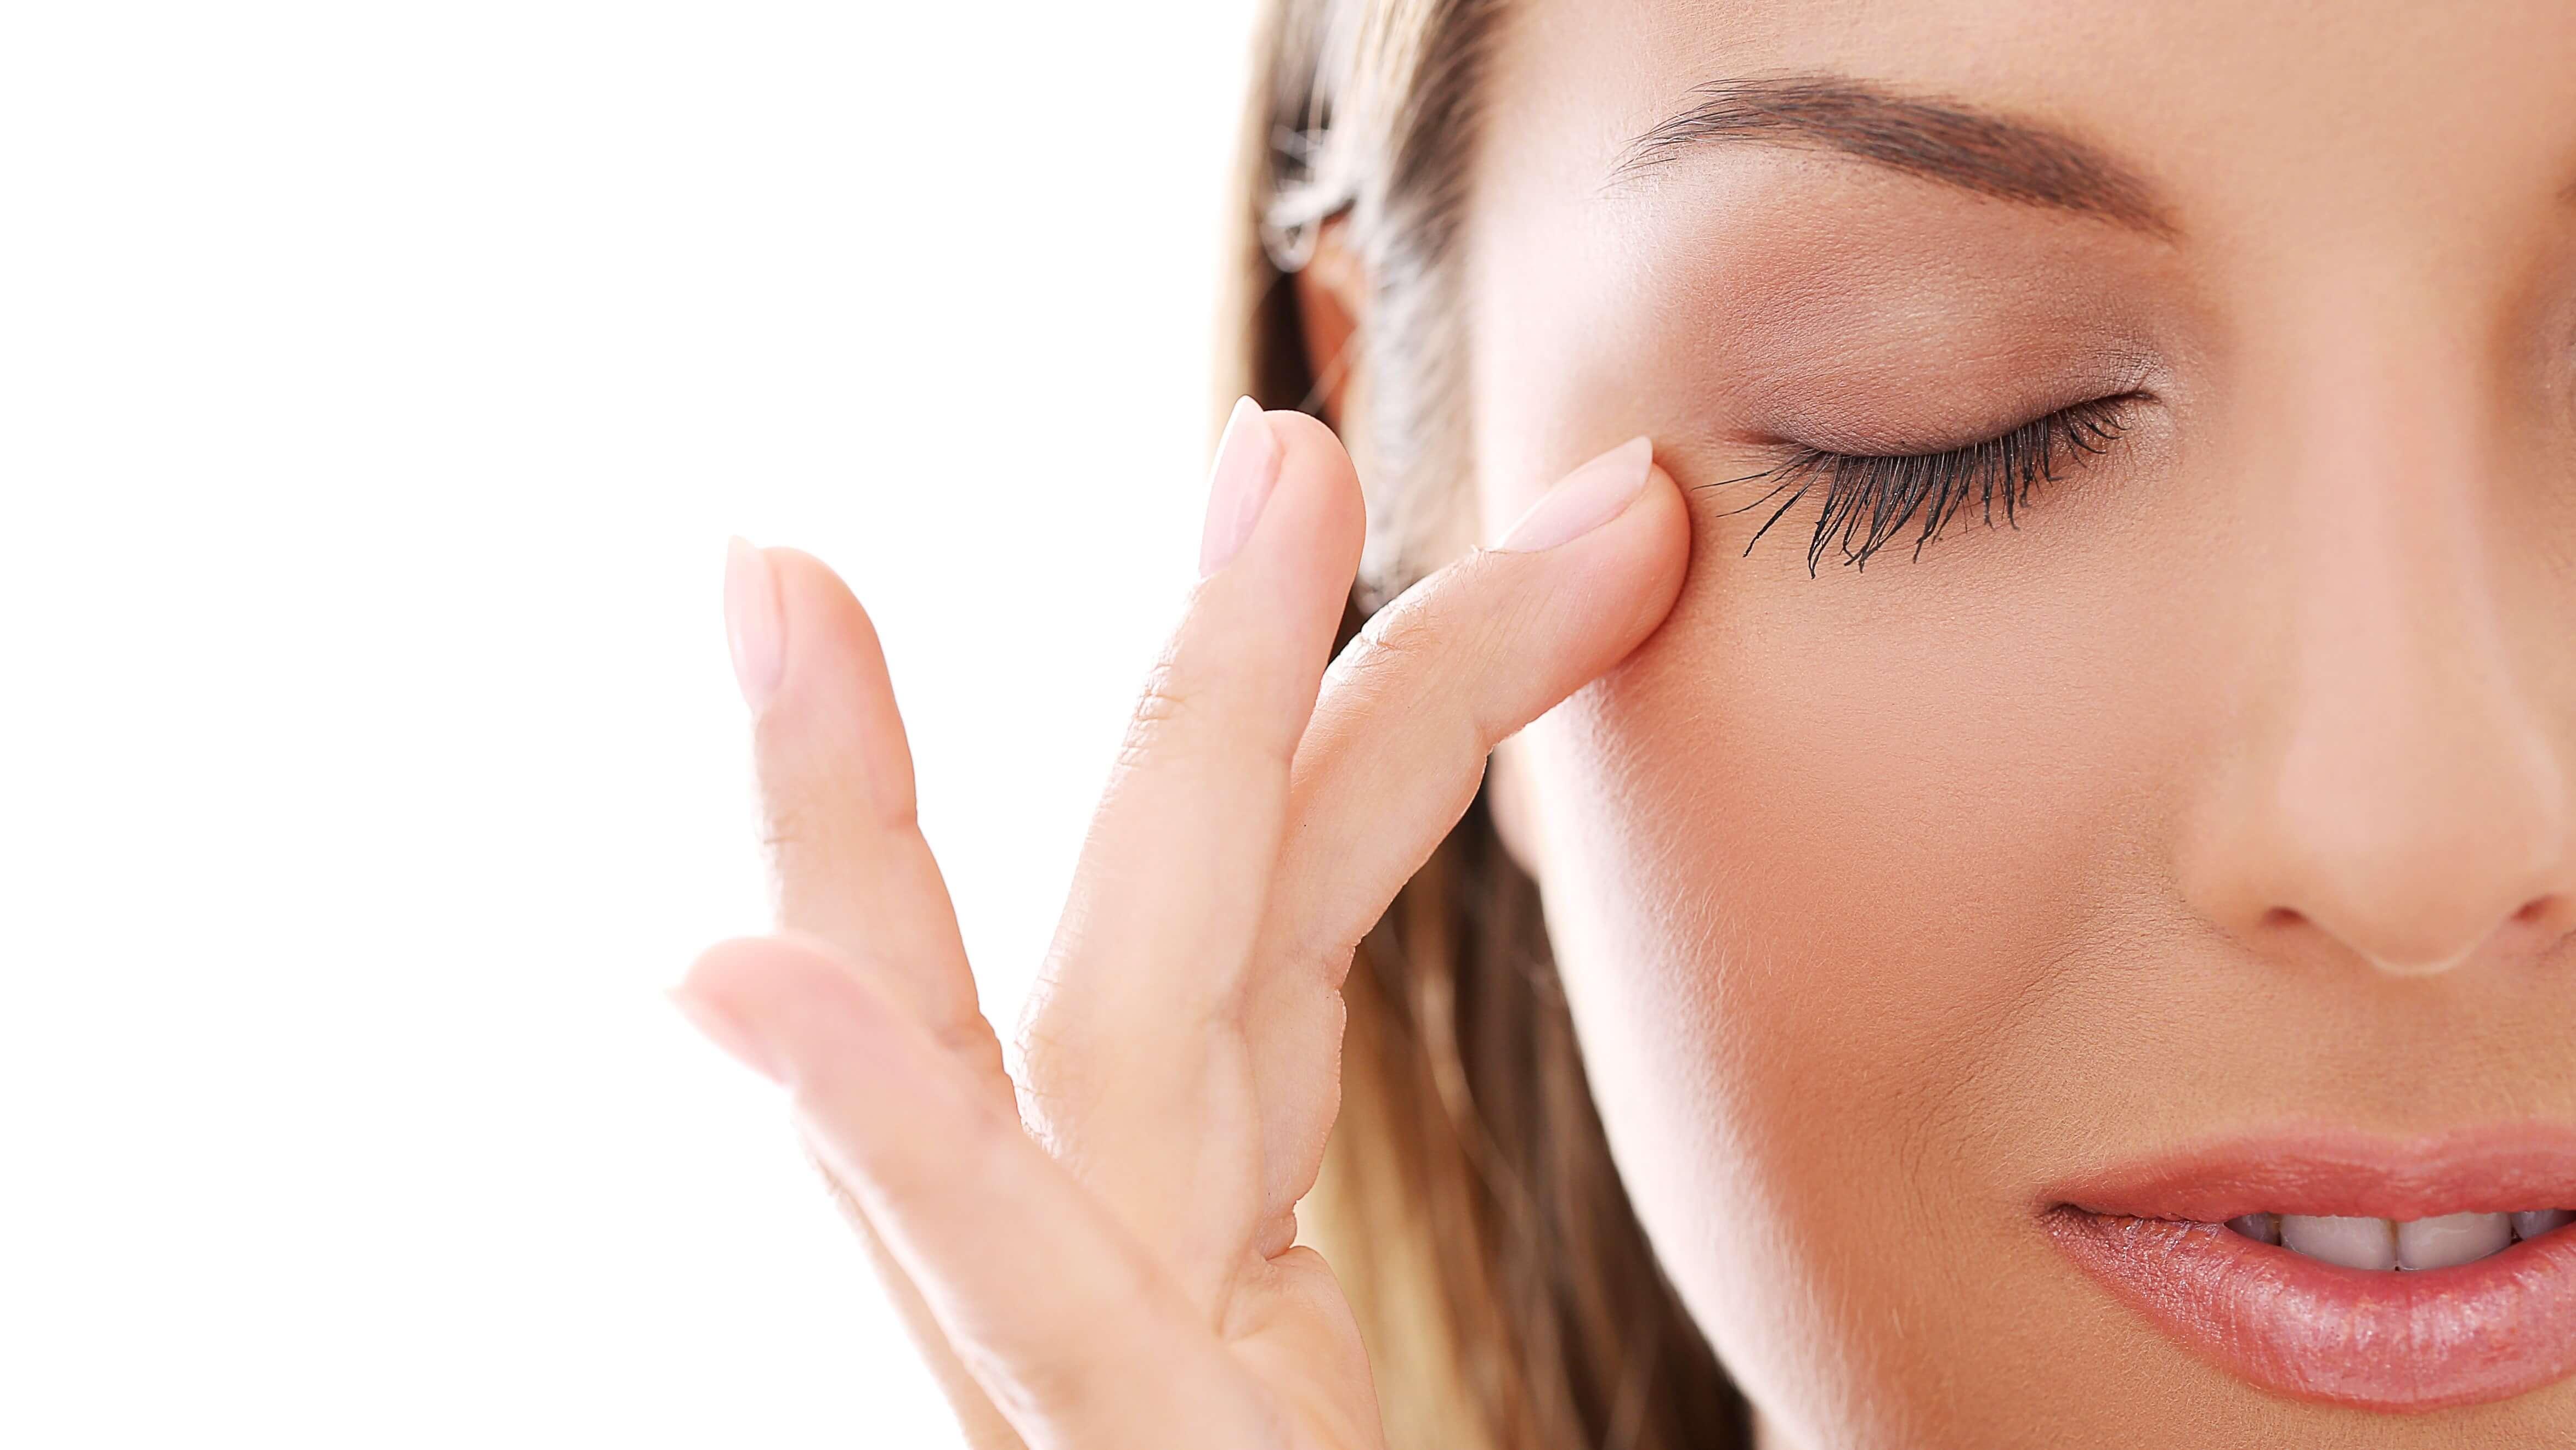 Mata dan Hidung - Banobagi Plastic Surgery & Aesthetic Clinics